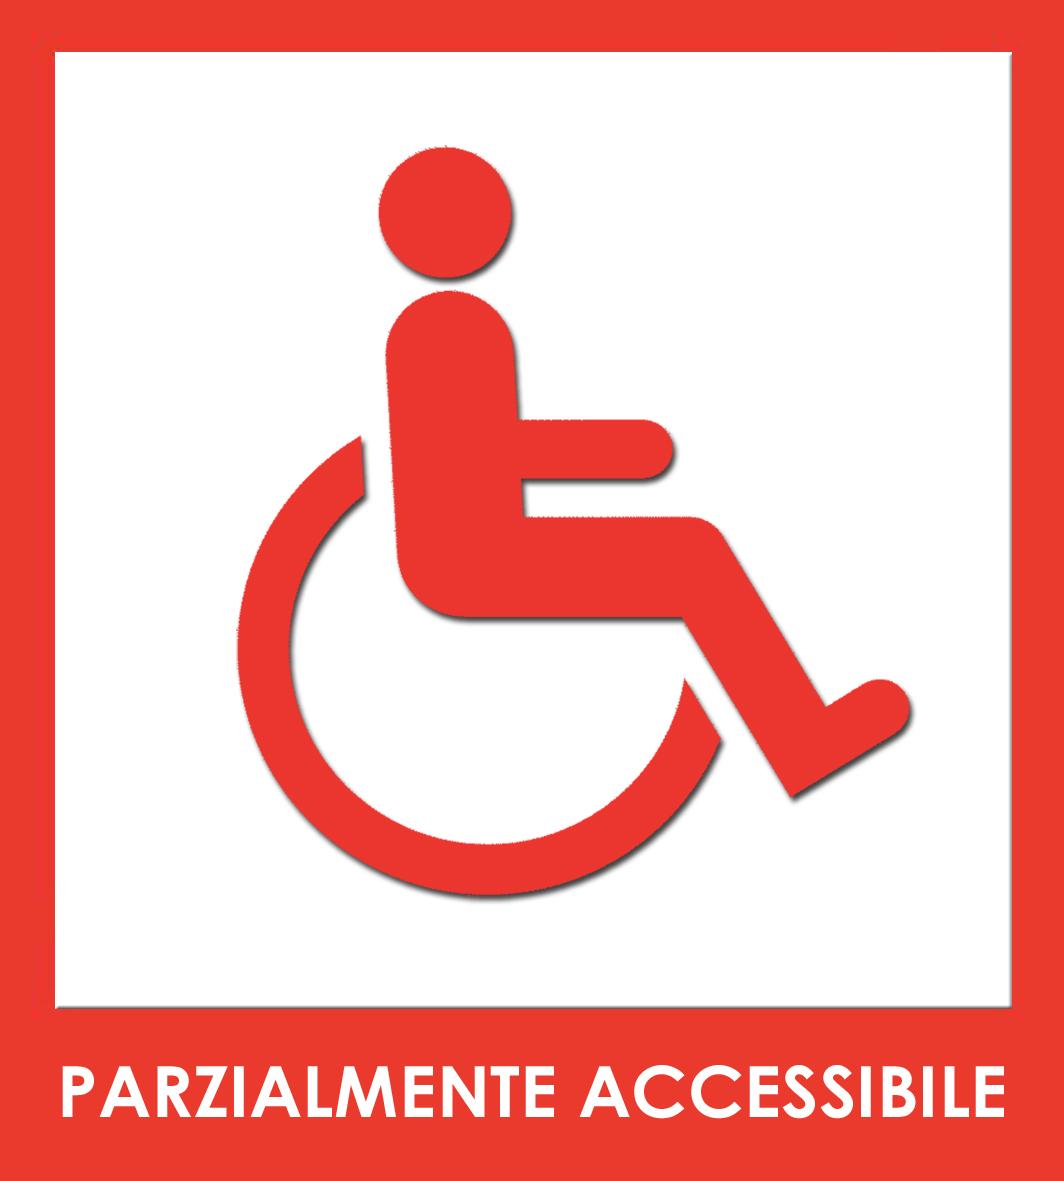 parzialmente accessibile